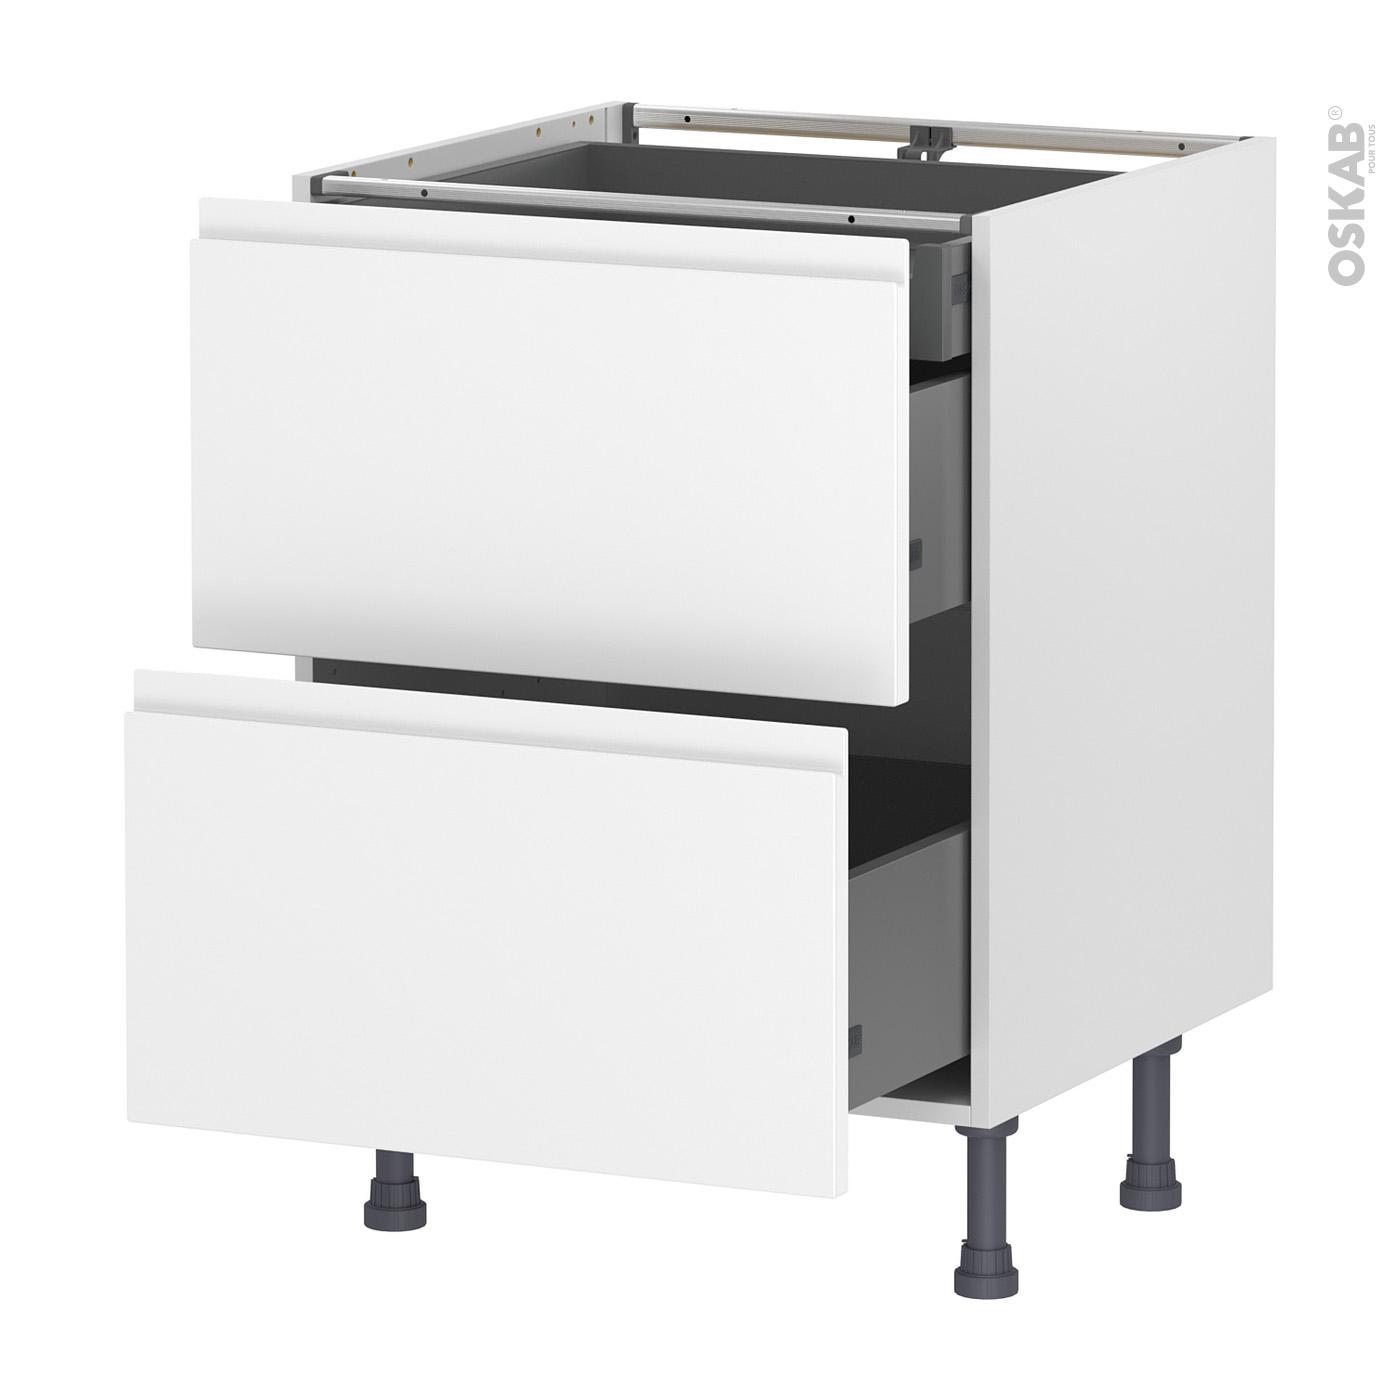 Meuble Cuisine Ikea Vide Sanitaire meuble de cuisine casserolier ipoma blanc mat, 2 tiroirs 1 tiroir à  l'anglaise, l60 x h70 x p58 cm